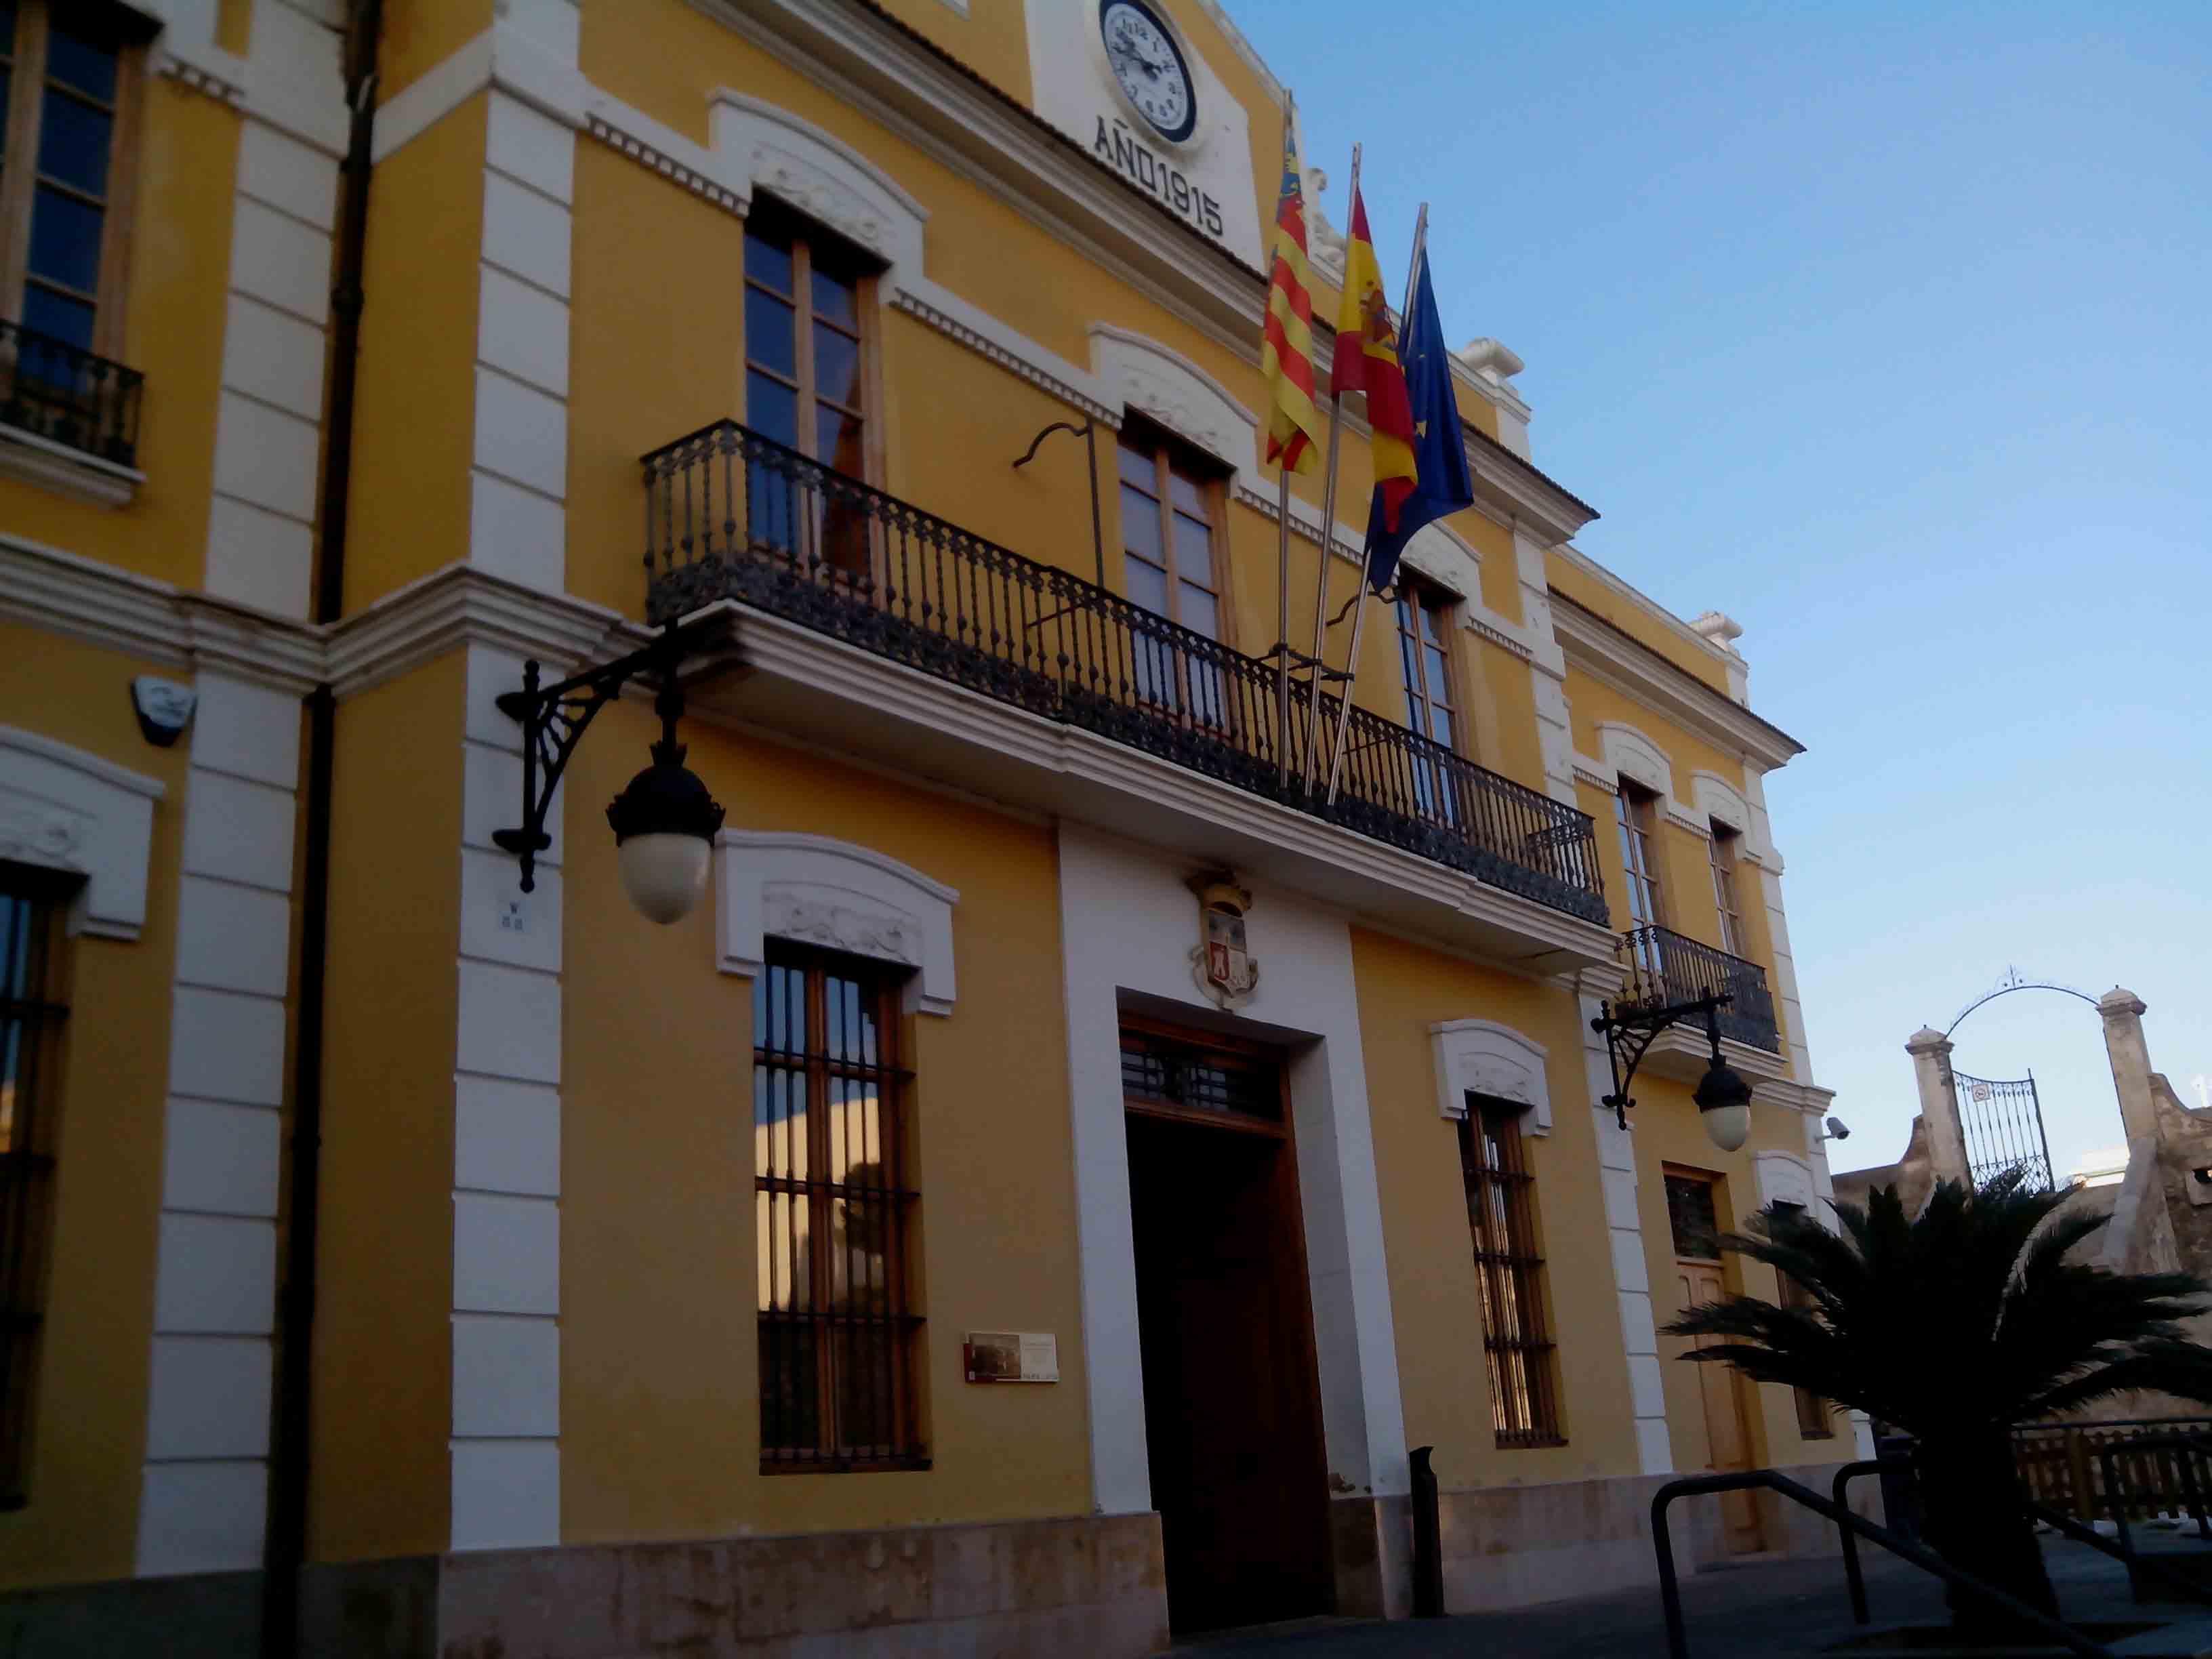 El Pleno del Ayuntamiento de Burjassot aprueba reducir un 30% las aportaciones a los partidos políticos